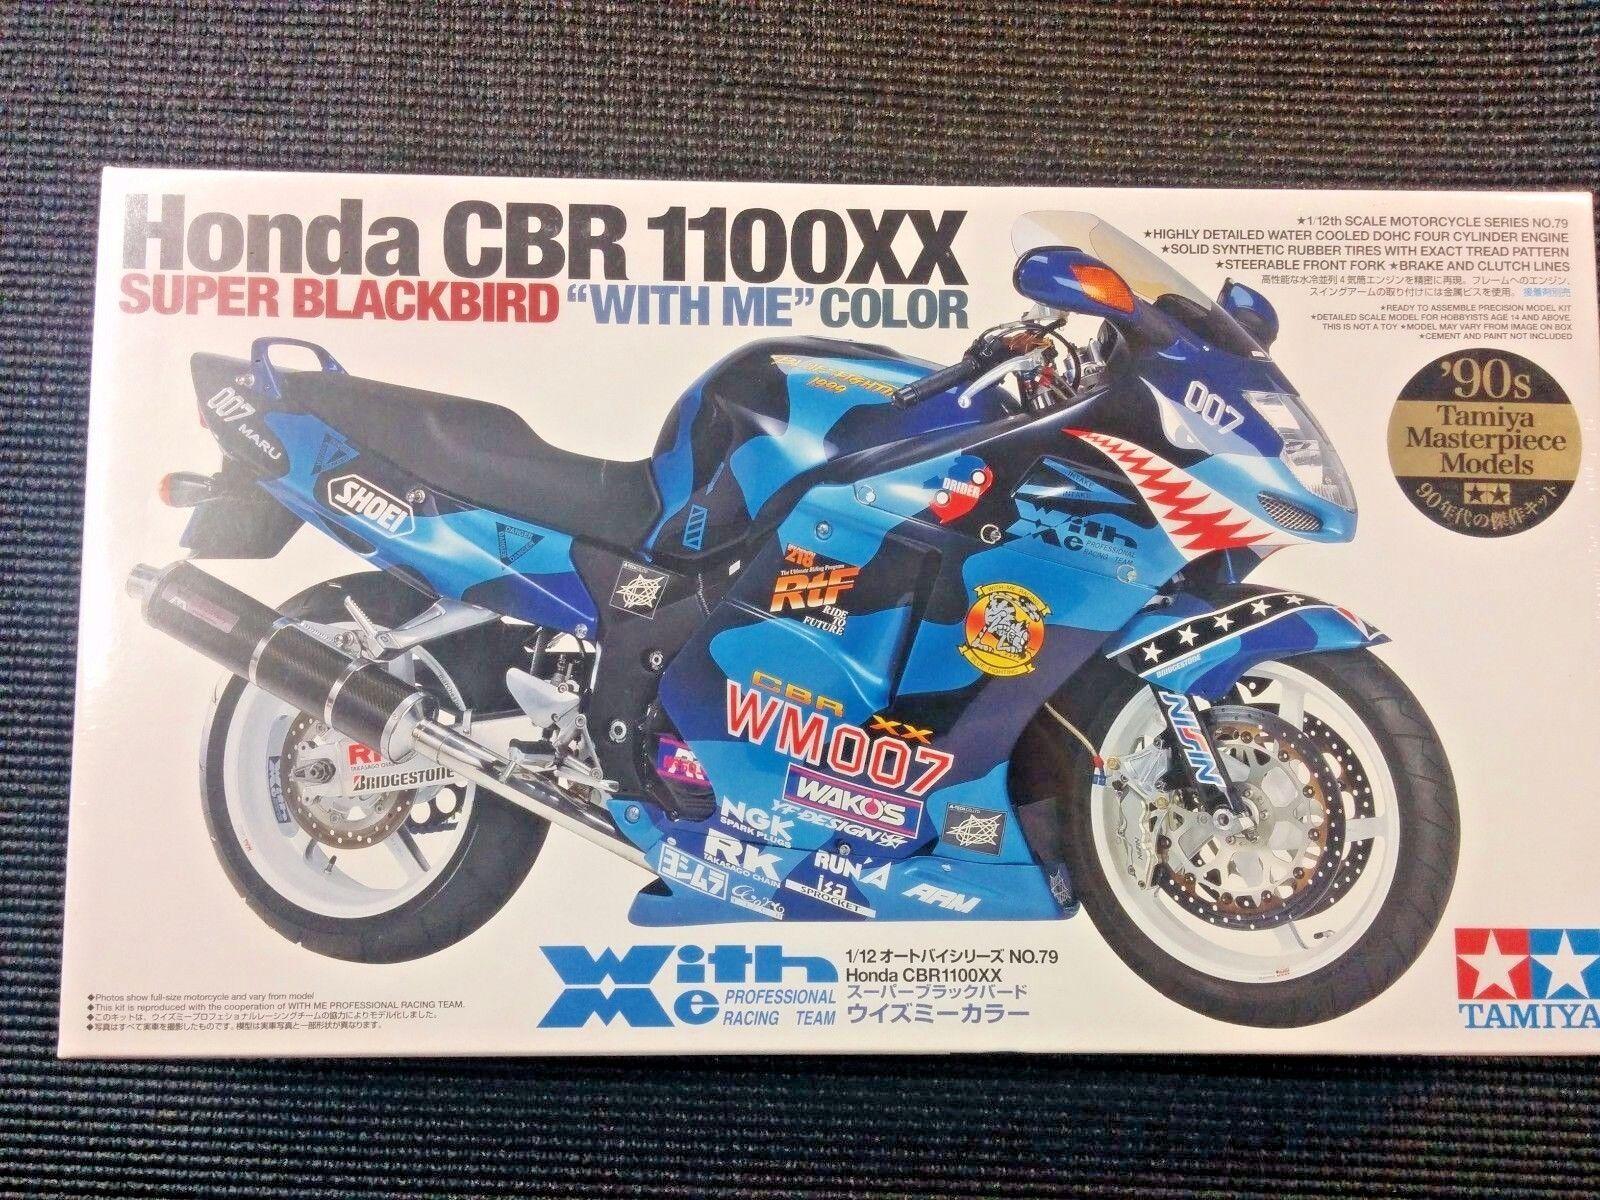 Tamiya 1 12 Honda CBR 1100XX (Super negrobird  conmigo  Color) Modelo Kit - 14079